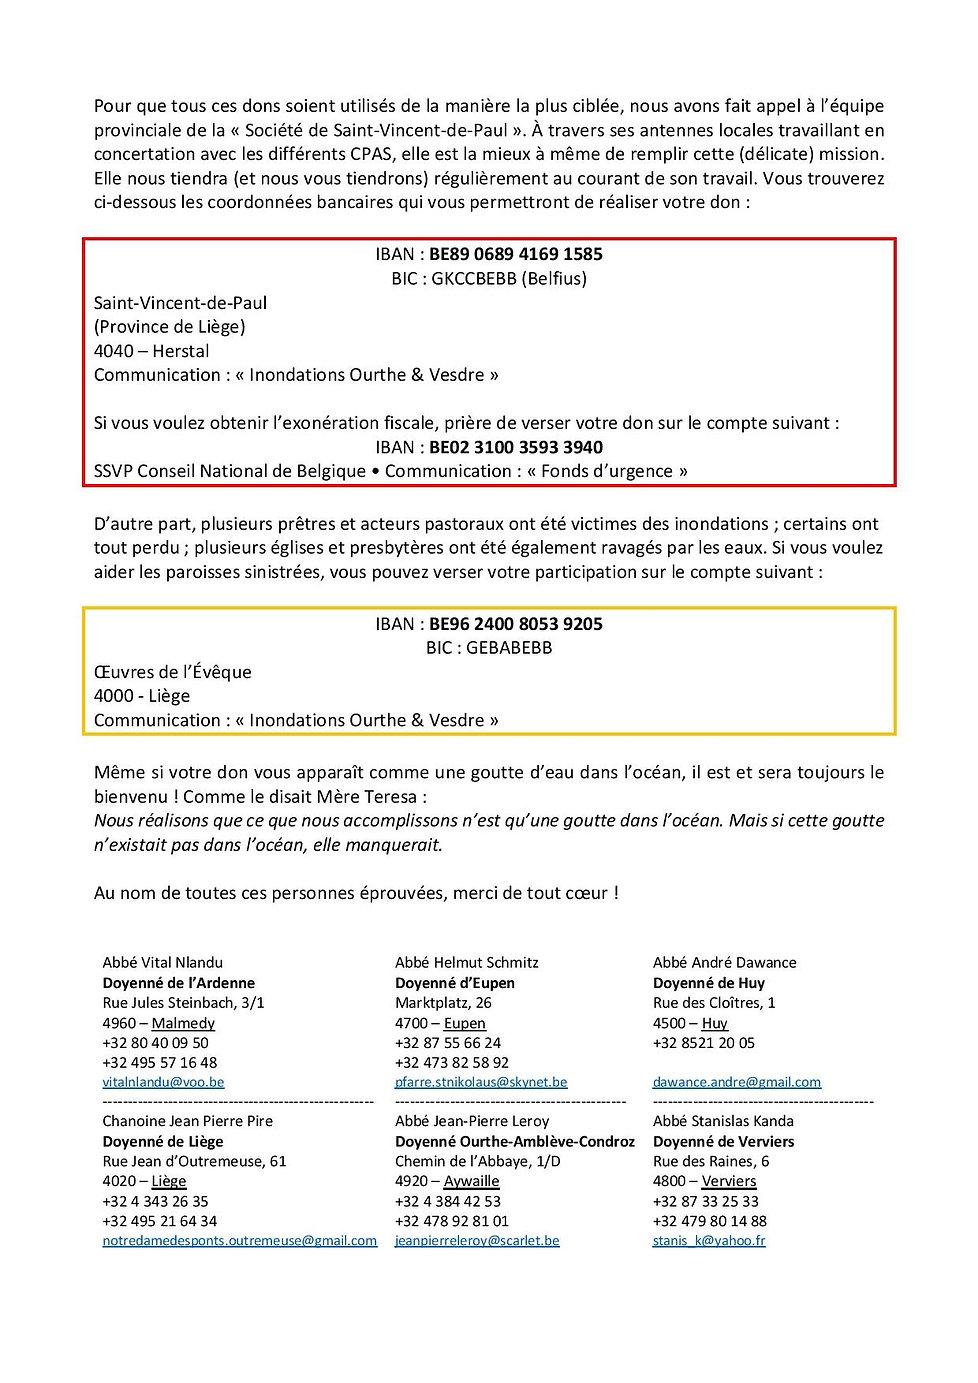 202107 • Appel aux dons-page-002.jpg